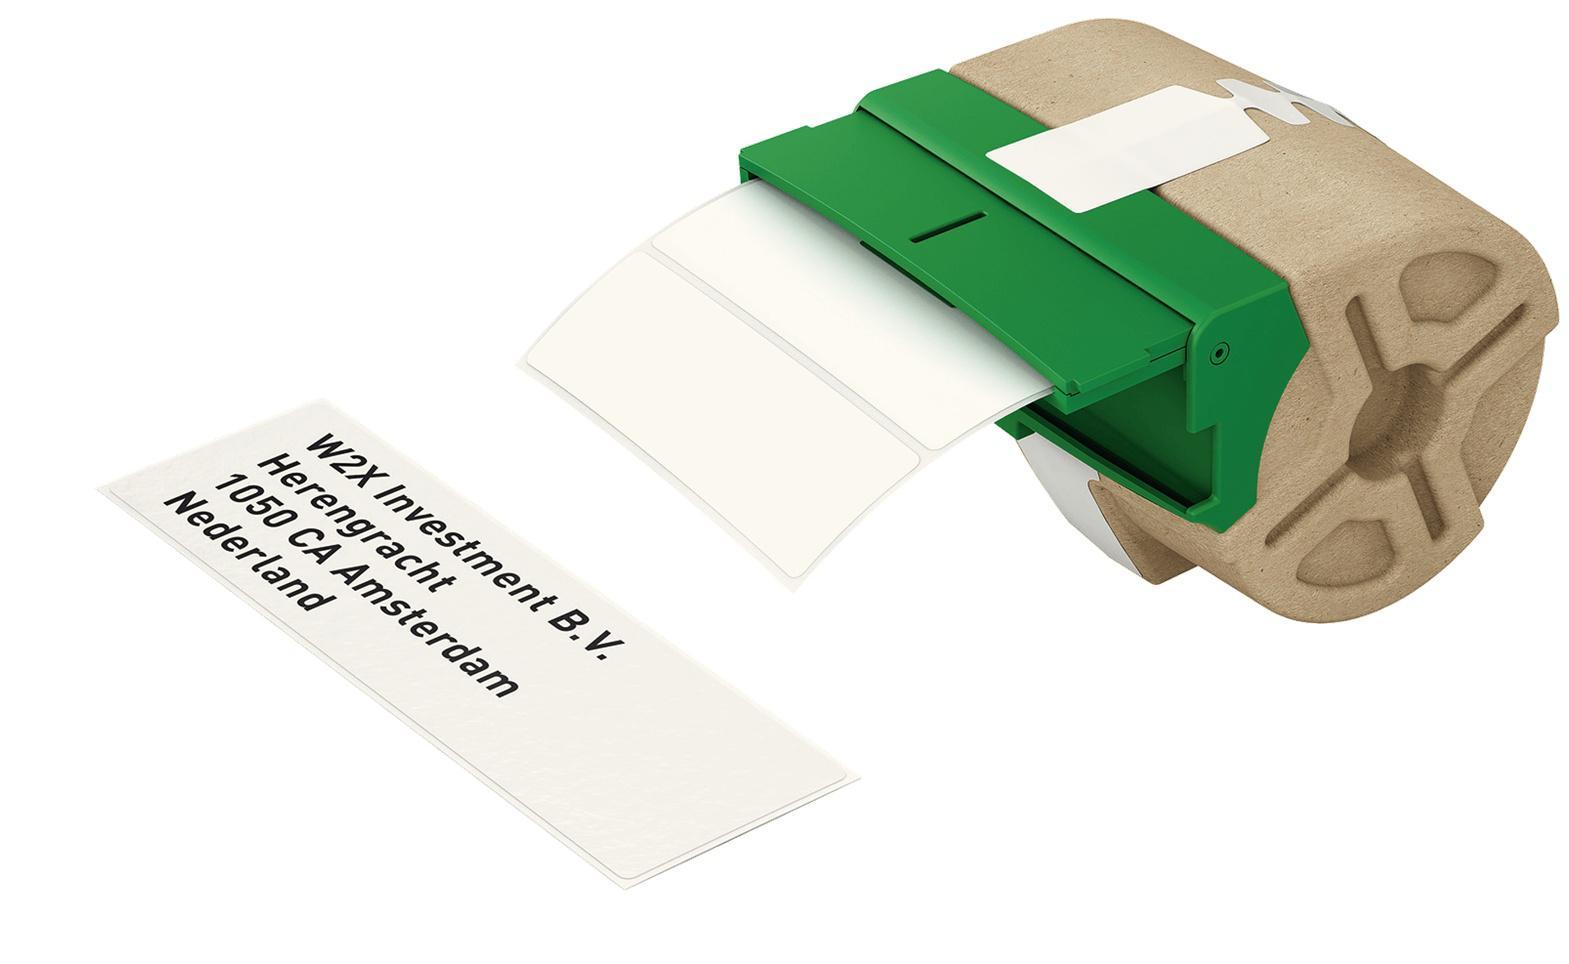 LEITZ Icon Etikettkassett med utstansade etiketter 28 x 88mm 690 st